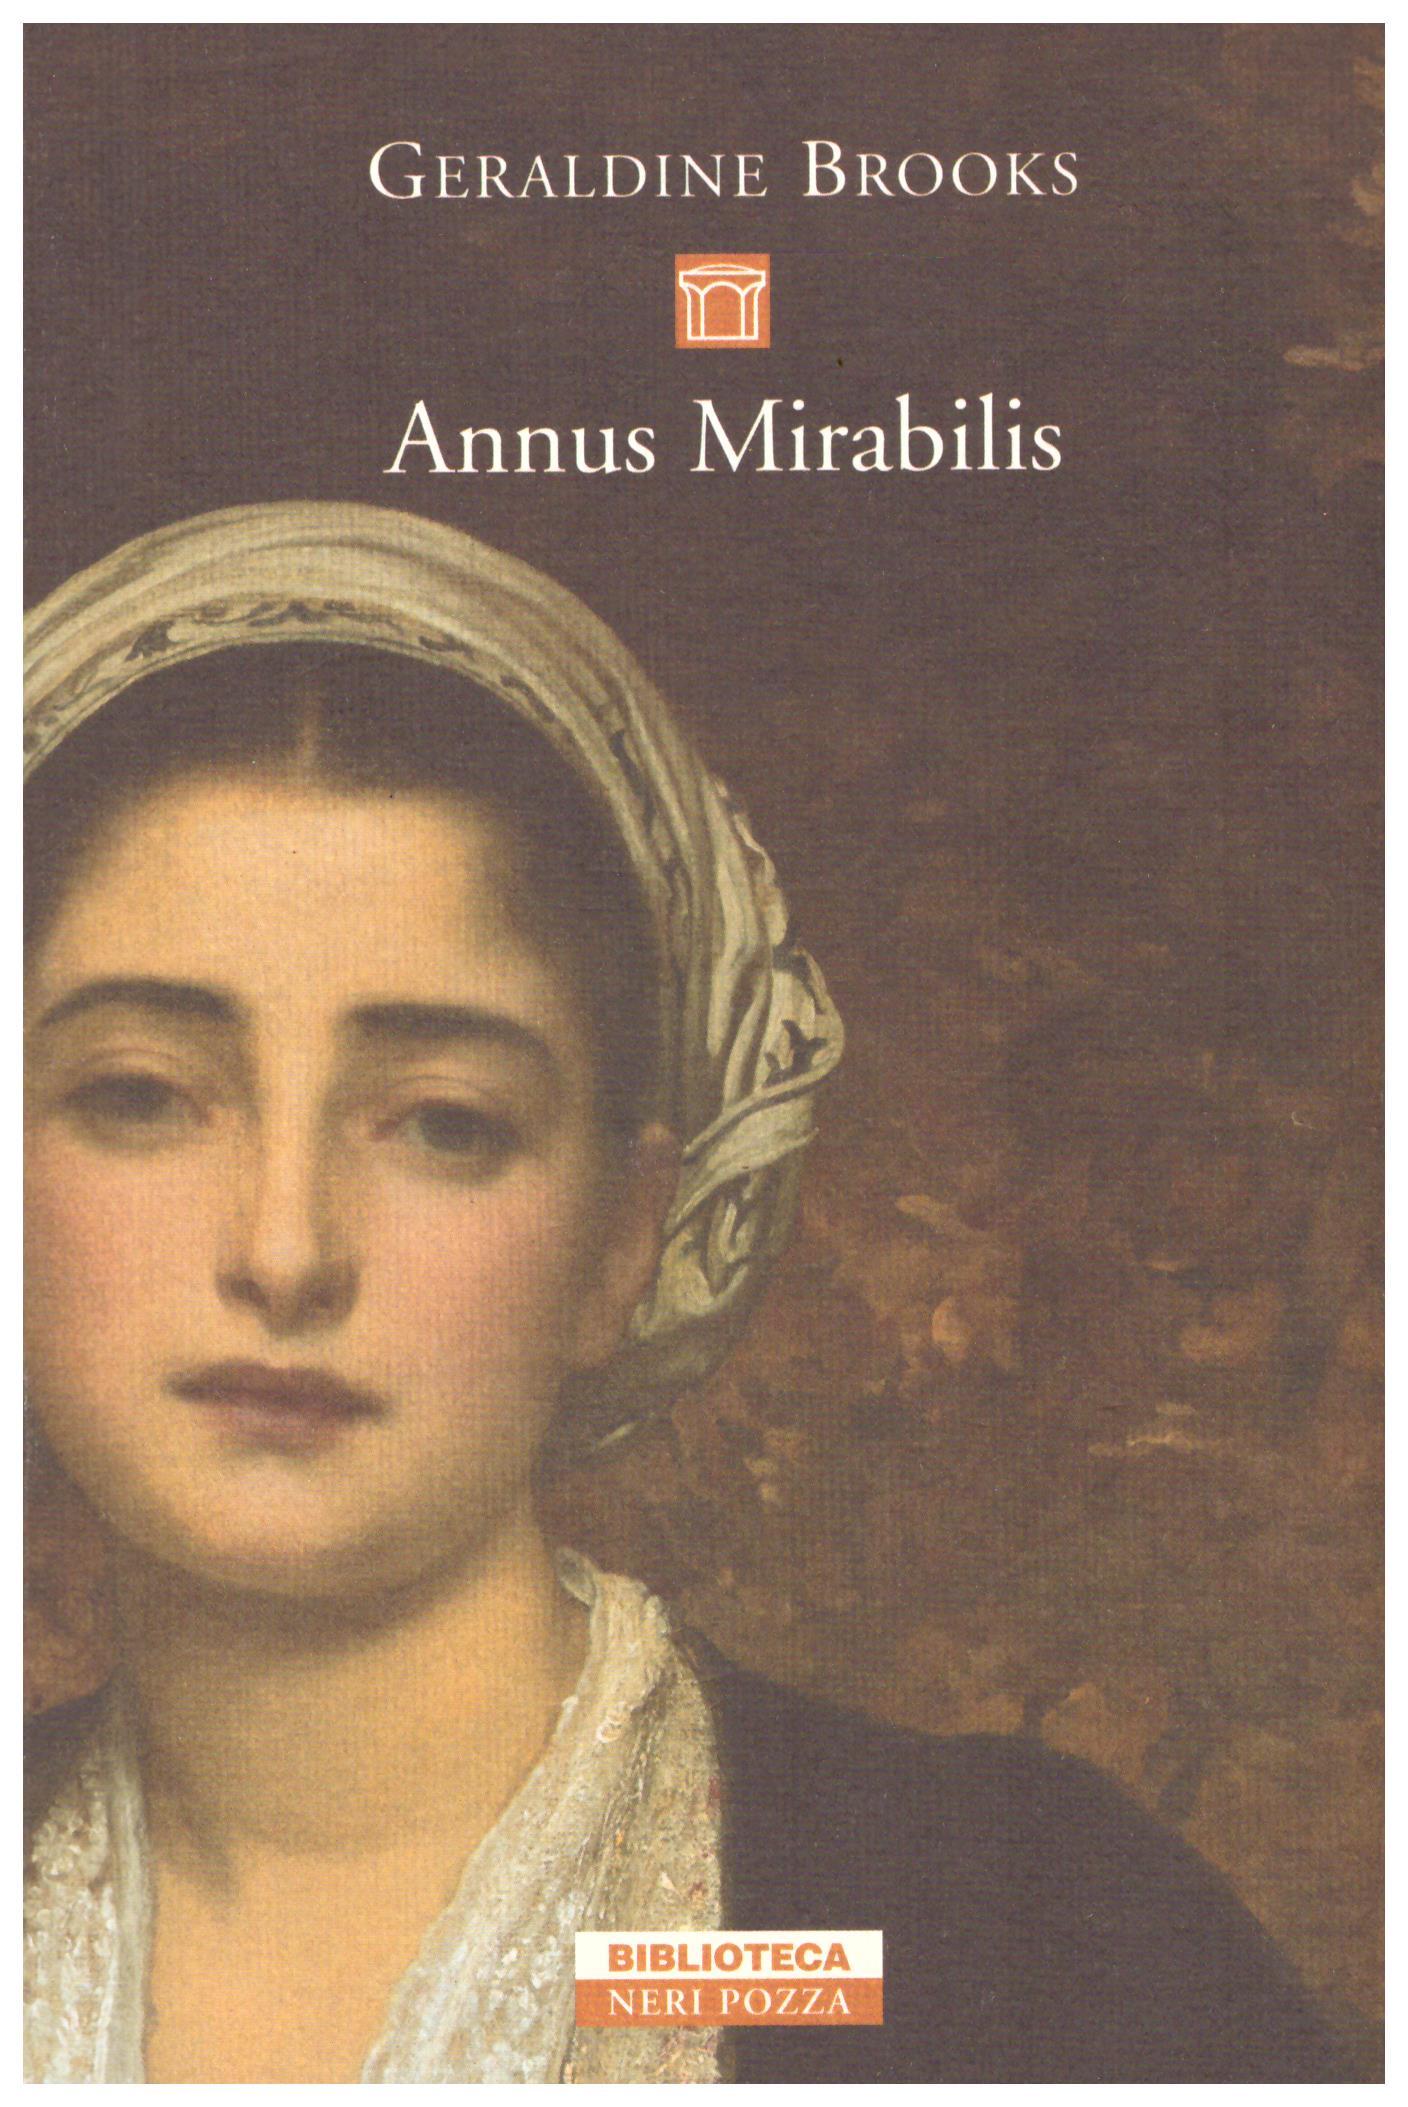 Titolo: Annus mirabilis Autore: Geraldine Brooks Editore: neri pozza, 2009